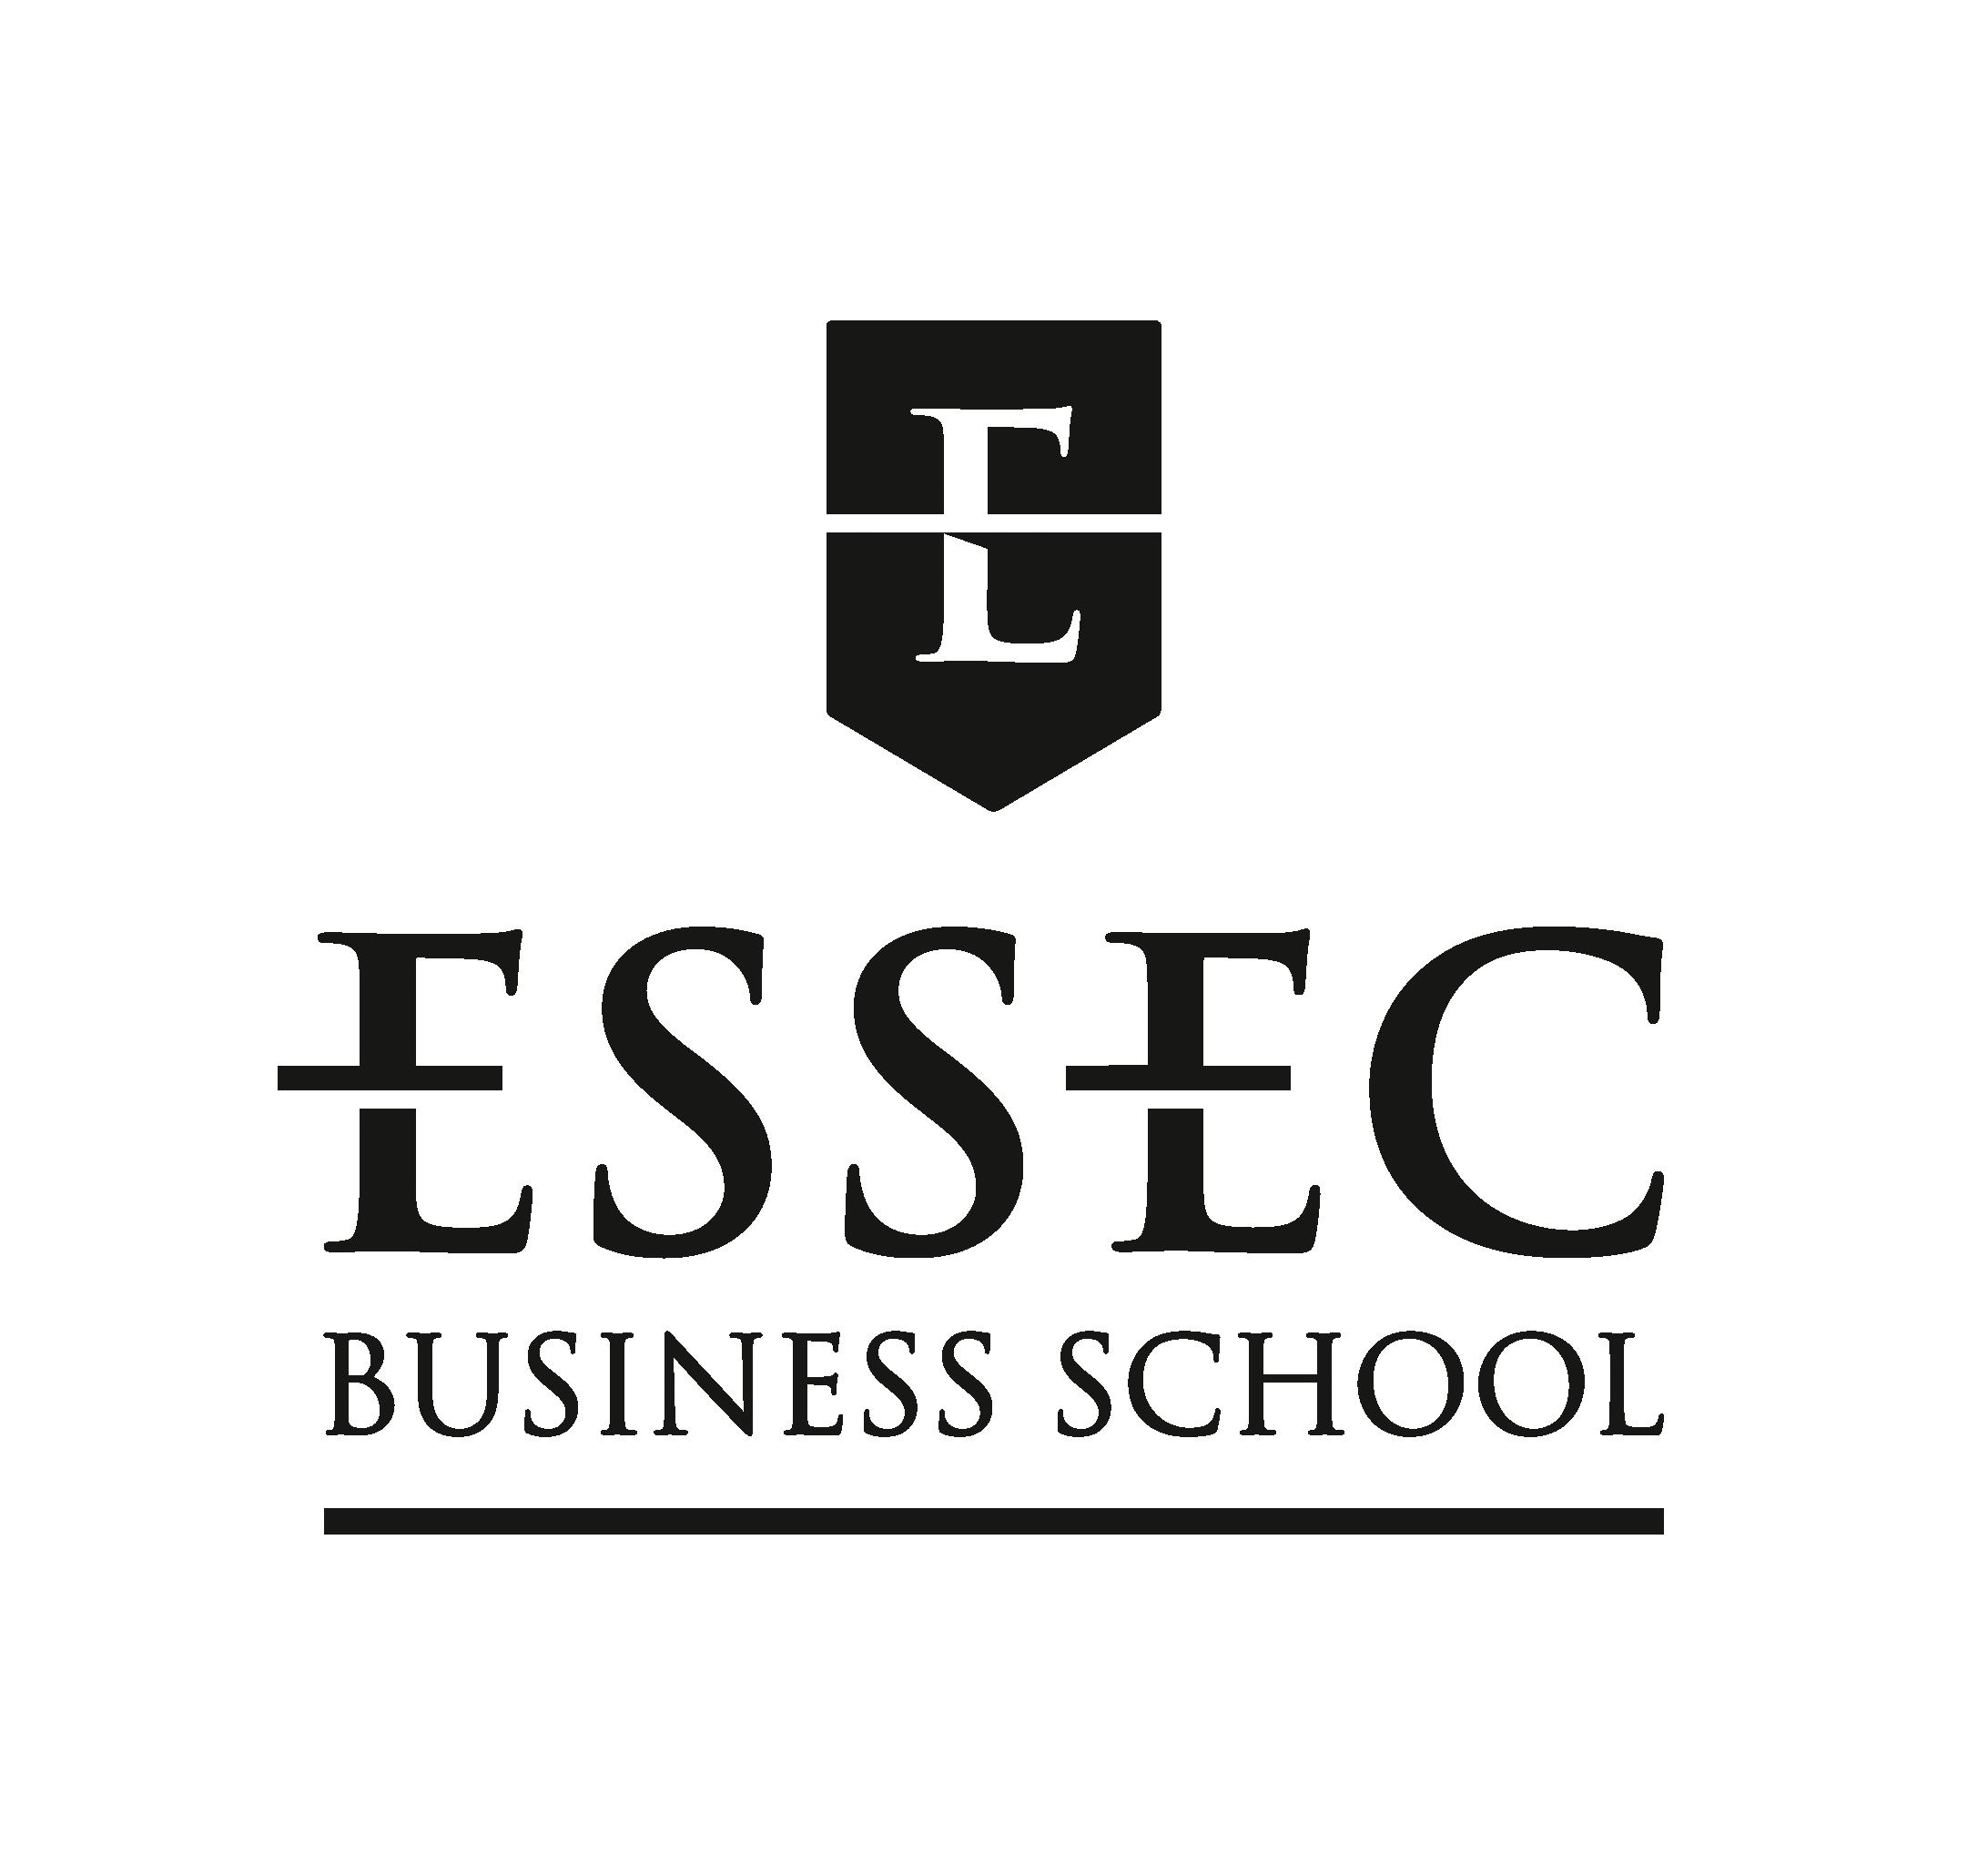 logo-ESSEC